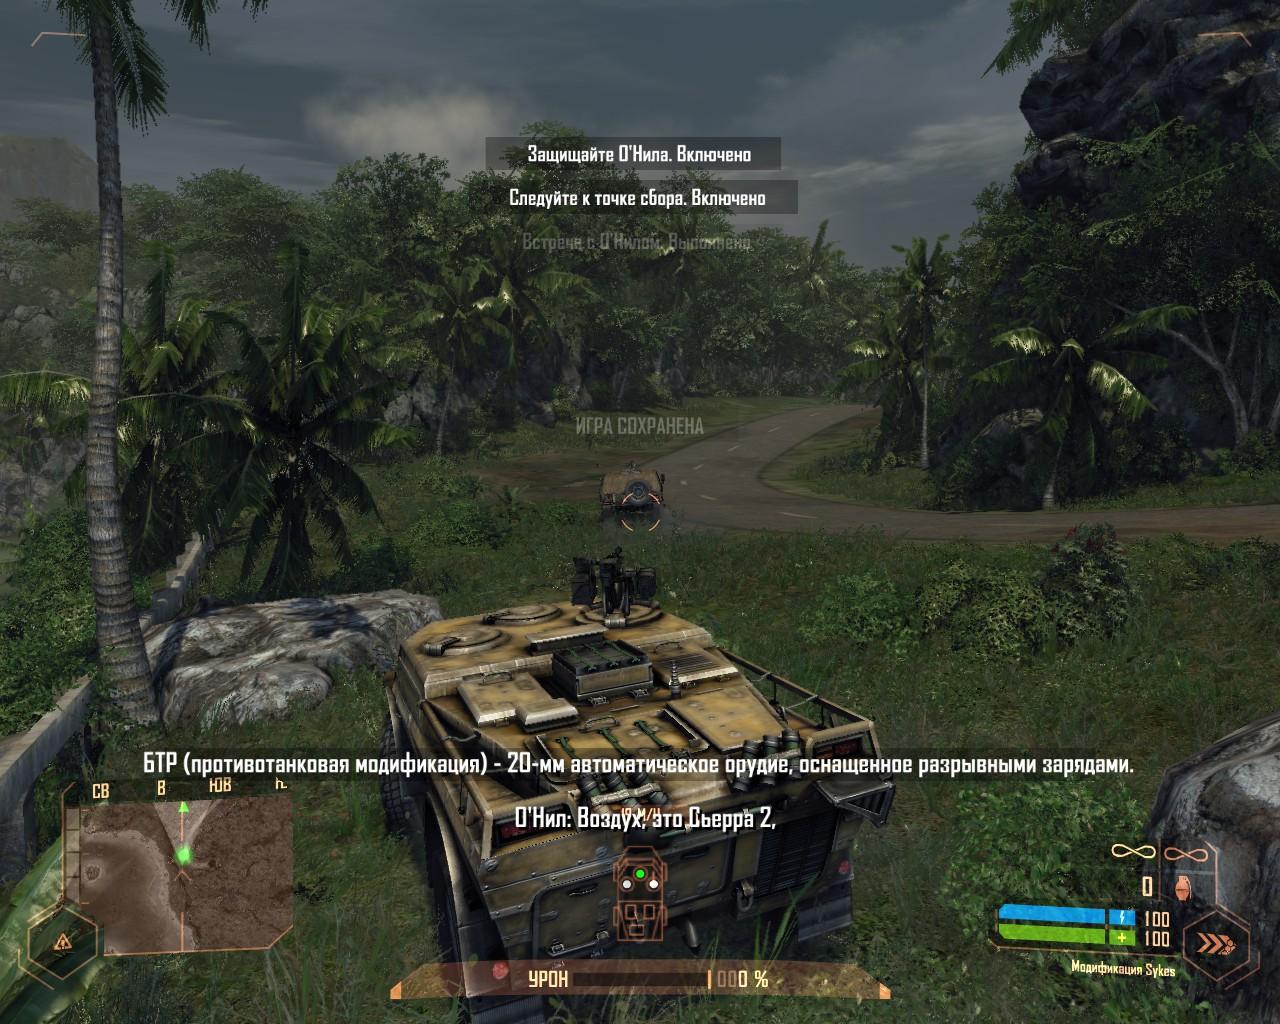 Crysis64 2014-08-12 23-29-01-63.jpg - Crysis Warhead